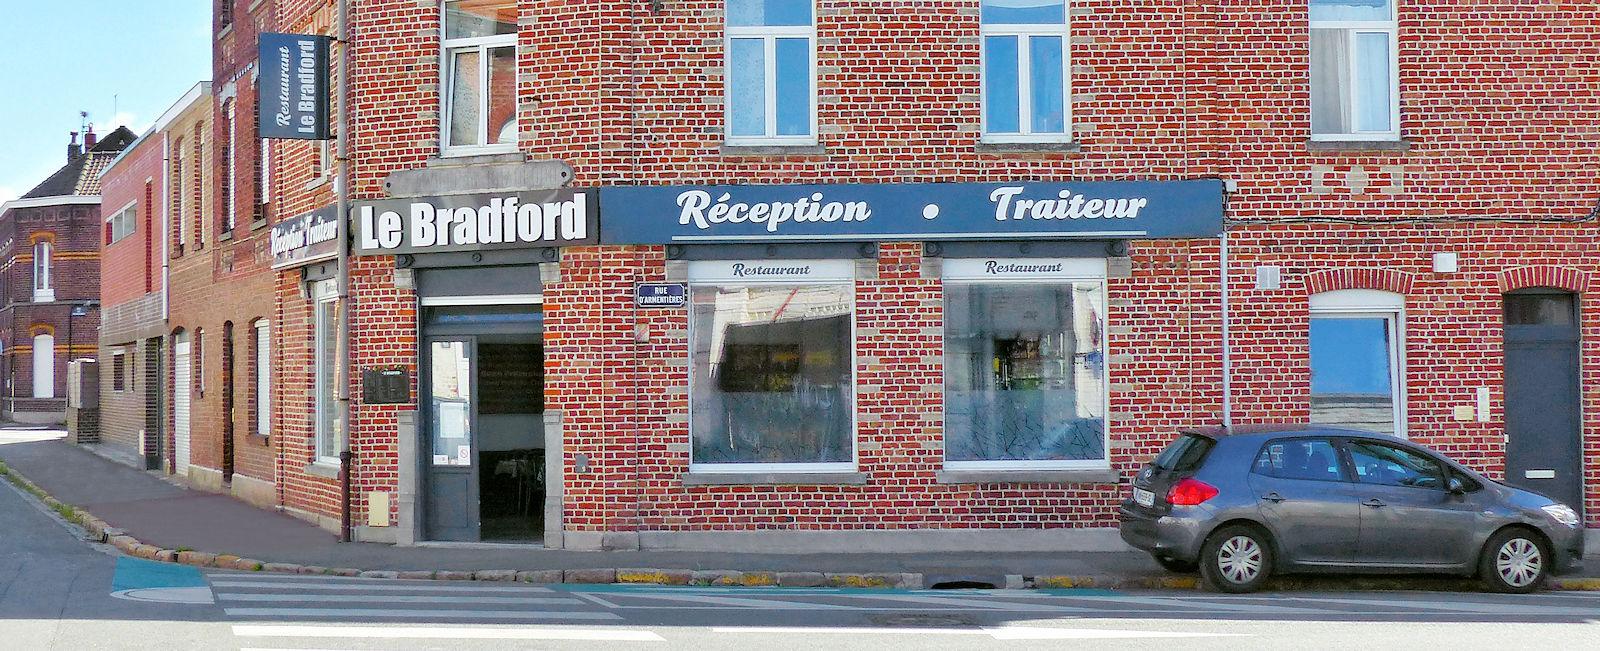 Restaurant Traiteur Brasserie Tourcoing - Au Bradford, Flocon.